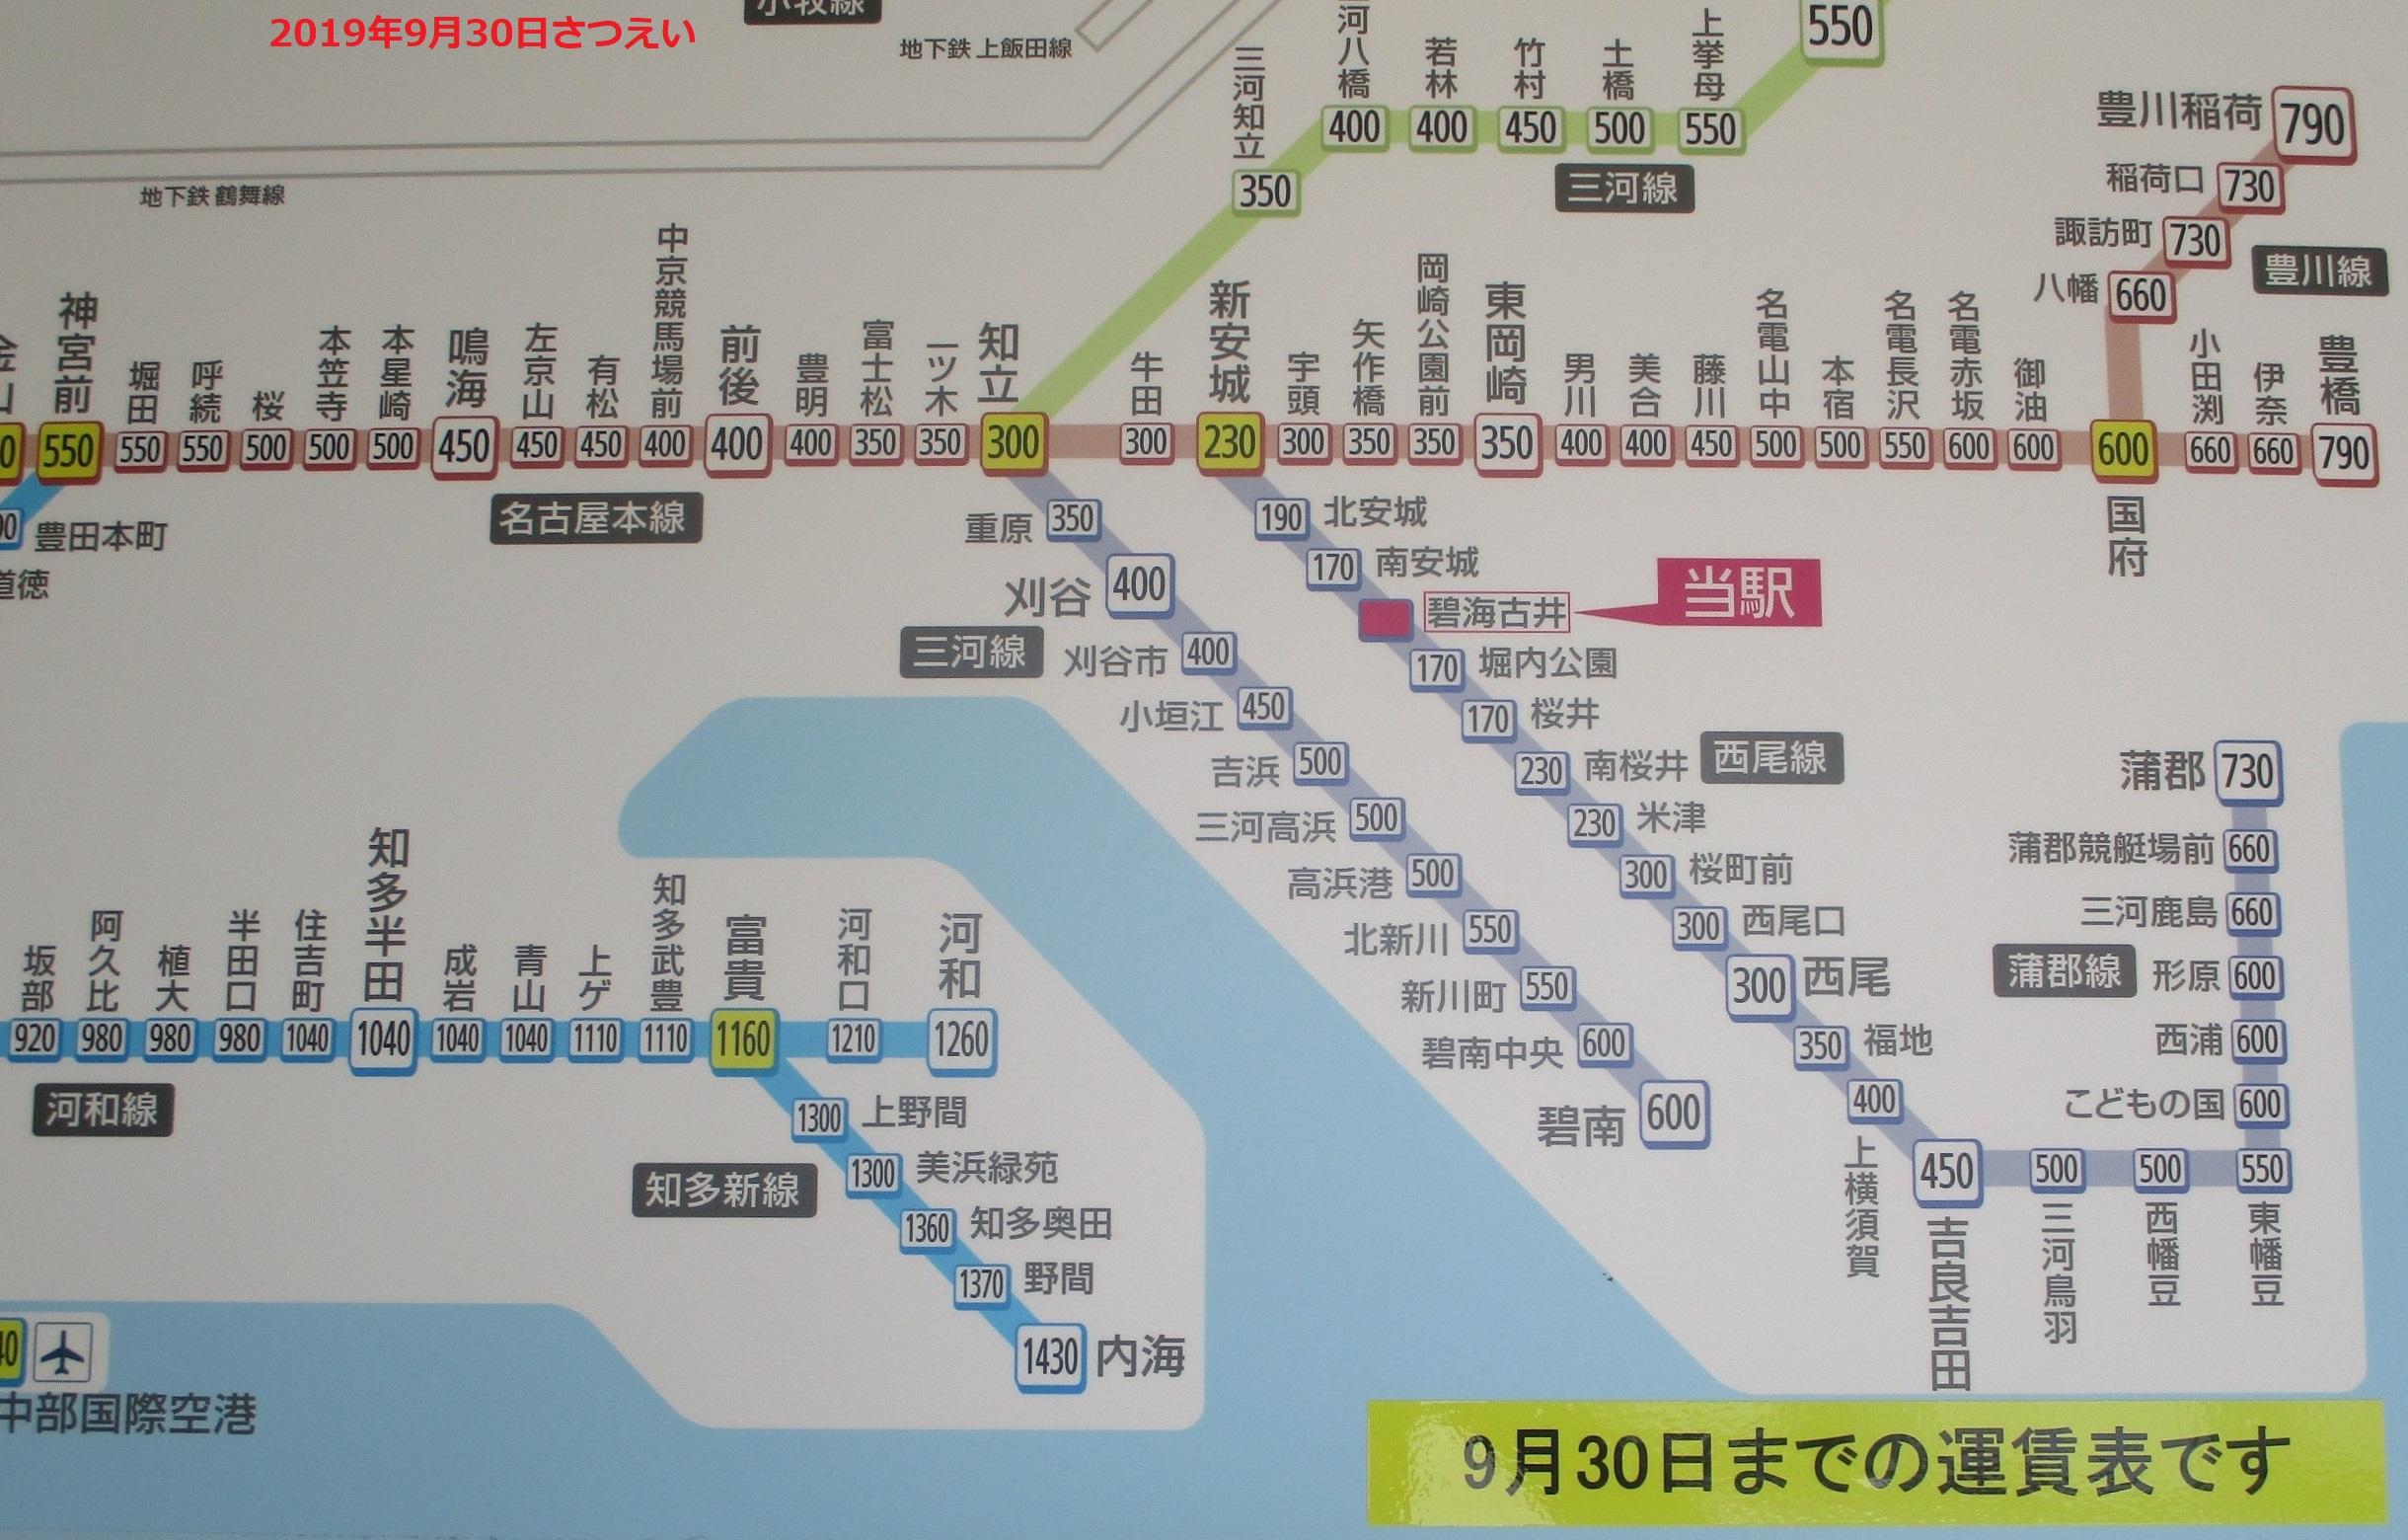 2019.9.30 ふるい - 料金表 4-2 東南 2440-1560